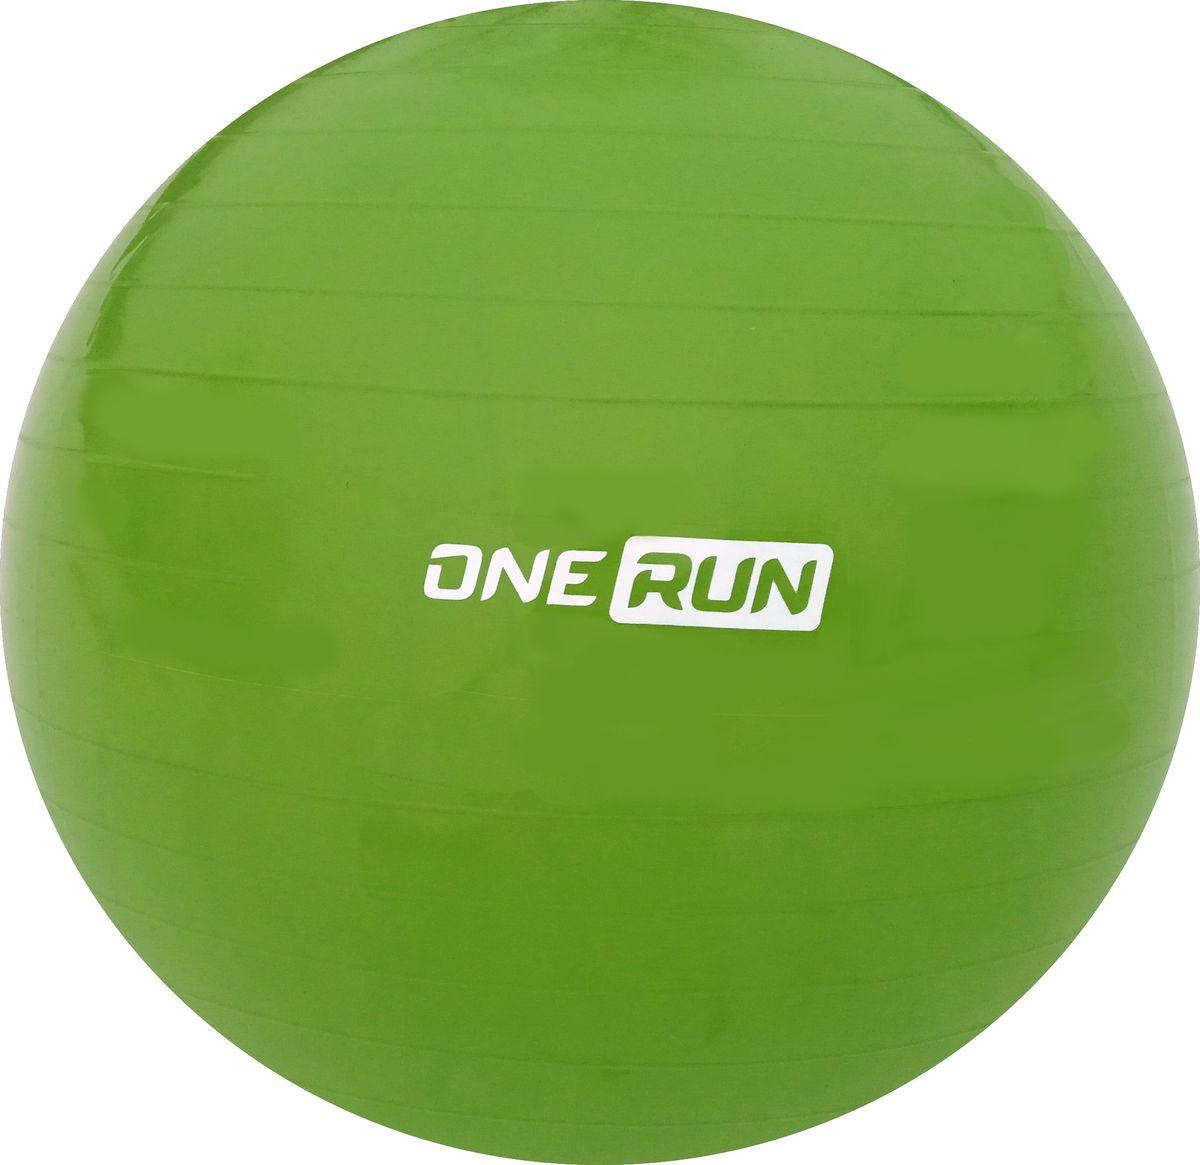 Мяч гимнастический OneRun, цвет: зеленый, 65 см мяч гимнастический ecowellness цвет серый зеленый диаметр 65 см